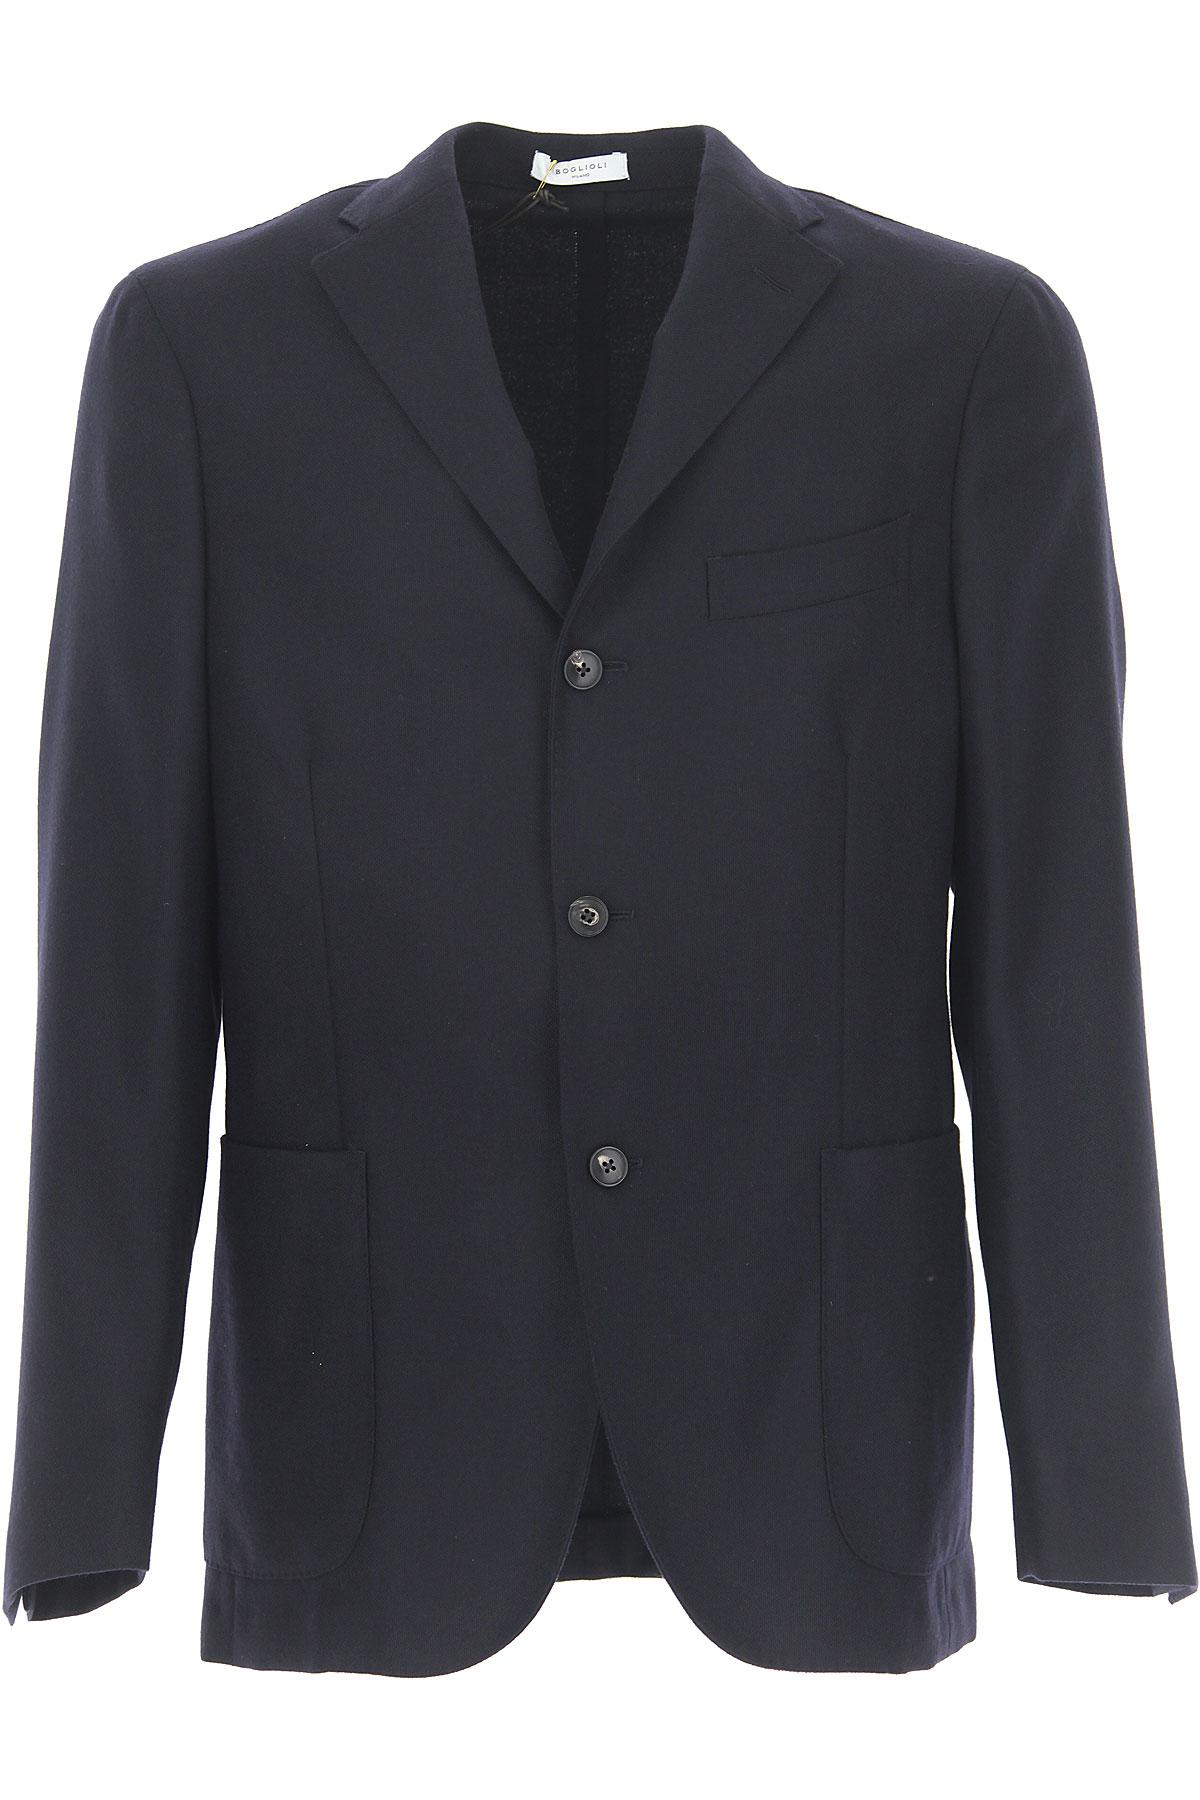 Image of Boglioli Blazer for Men, Sport Coat, Dark Blue, Wool, 2017, L M S XL XXL